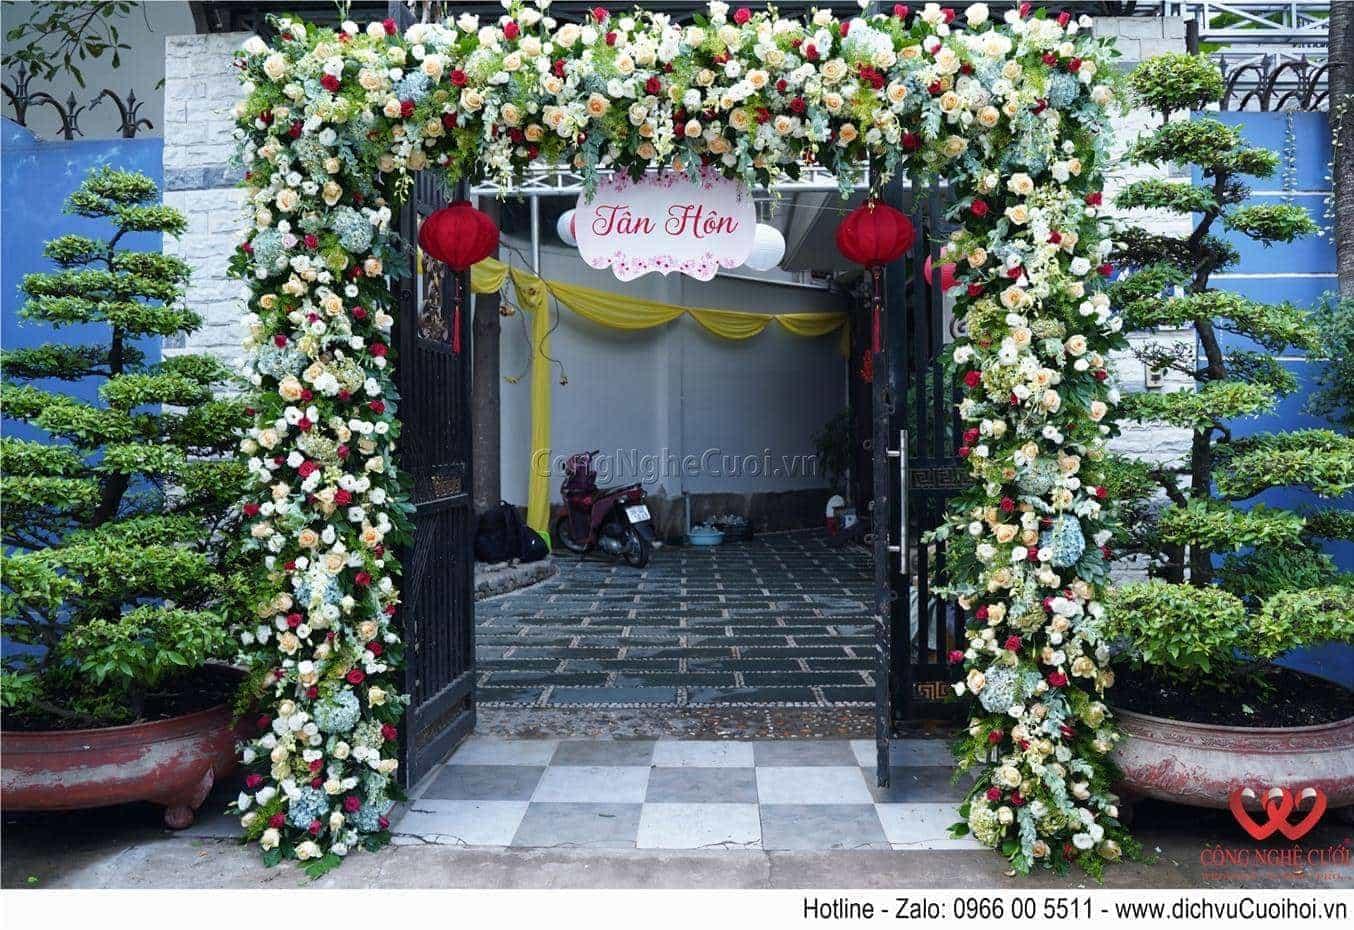 Cổng hoa tươi đám cưới - Dịch vụ cưới trọn gói